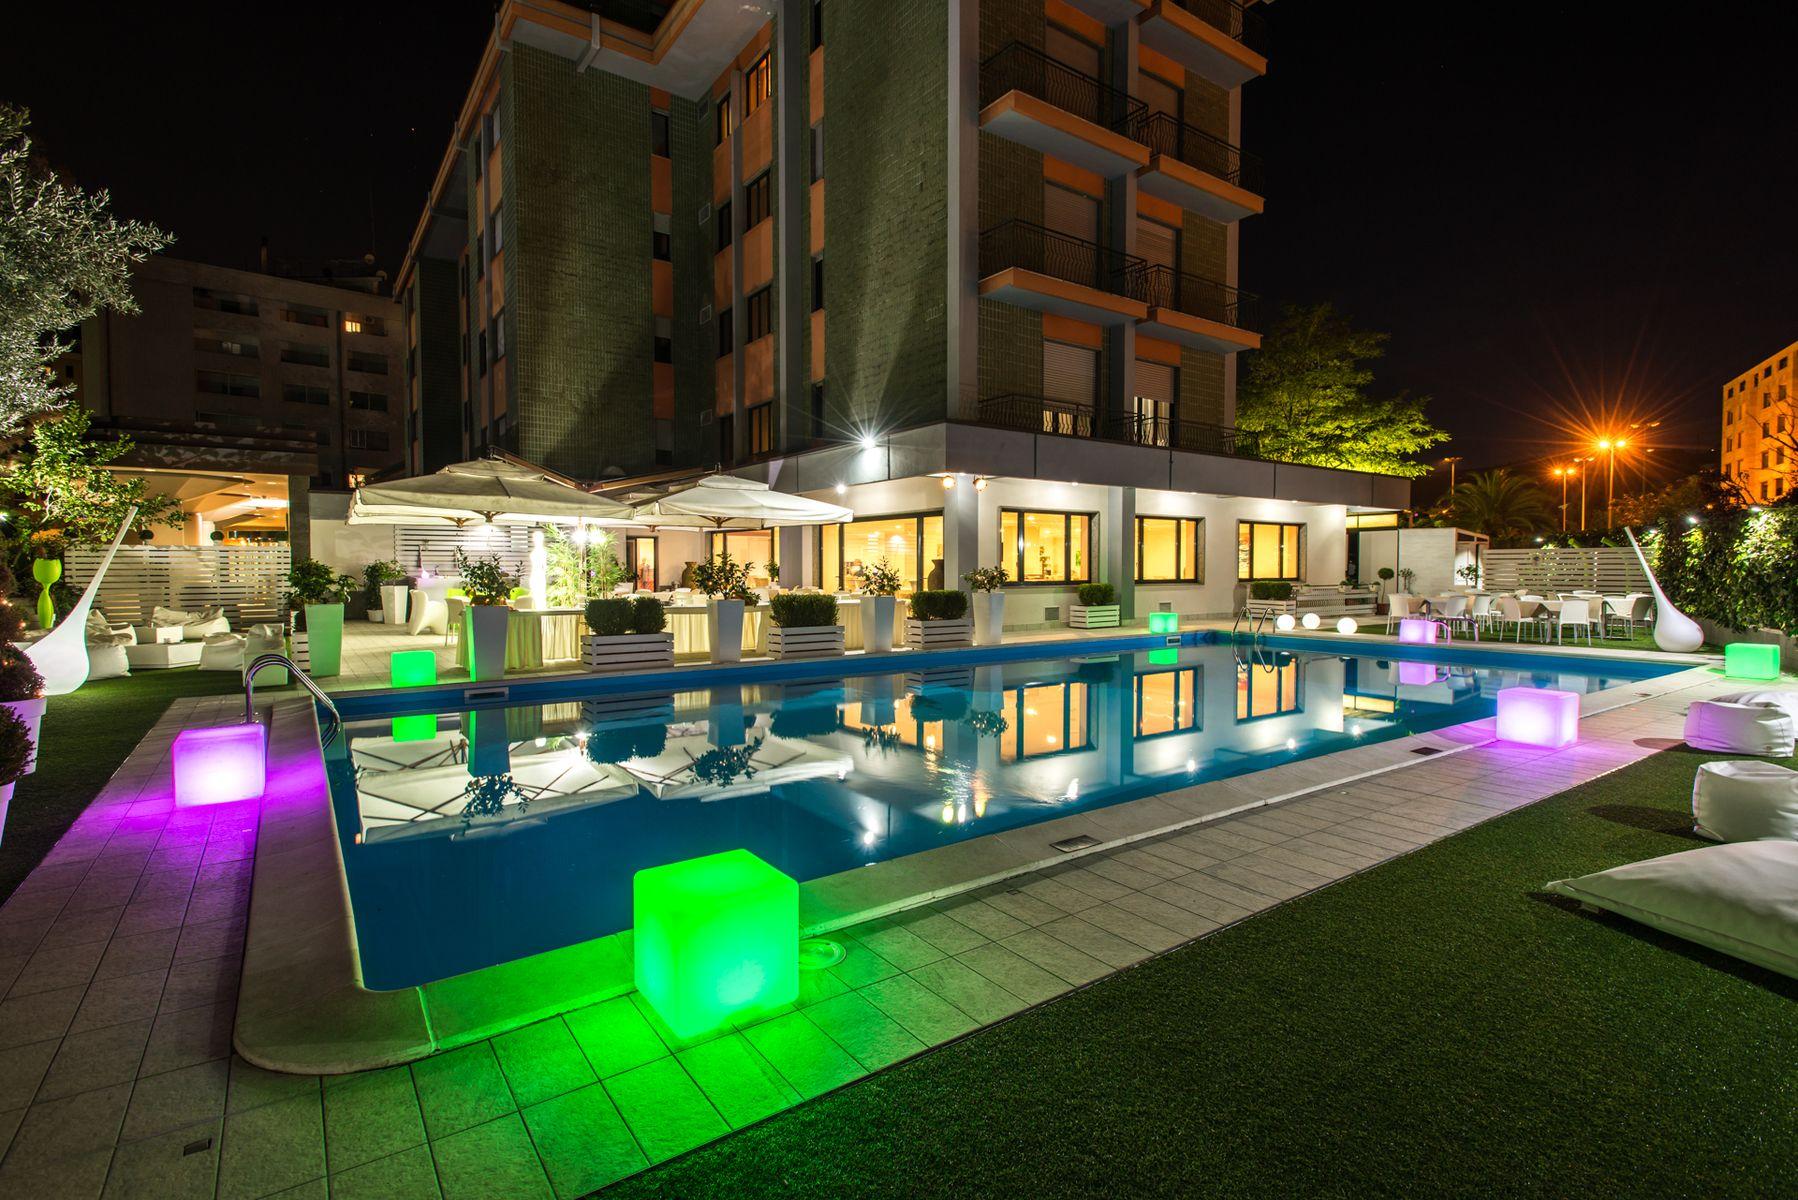 Hotel Europa(ingår i paketpris)